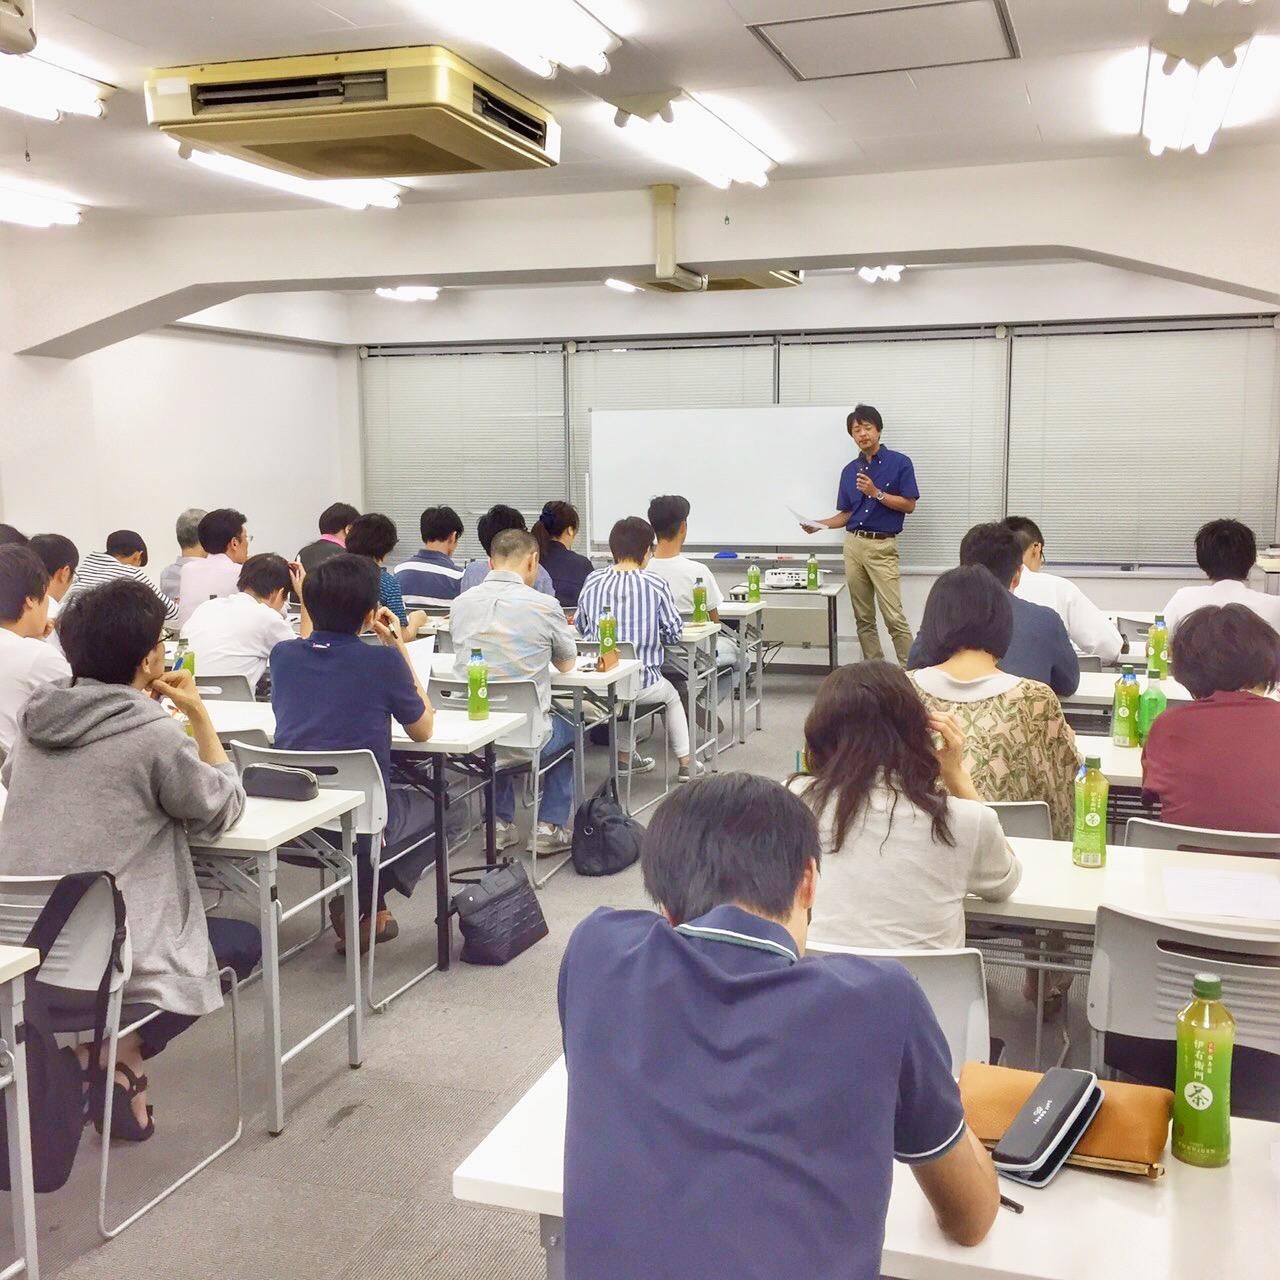 第1回勉強会レポート|平成29年7月19日に日本橋茅場町にて第一回エリオット波動勉強会が開催されました。